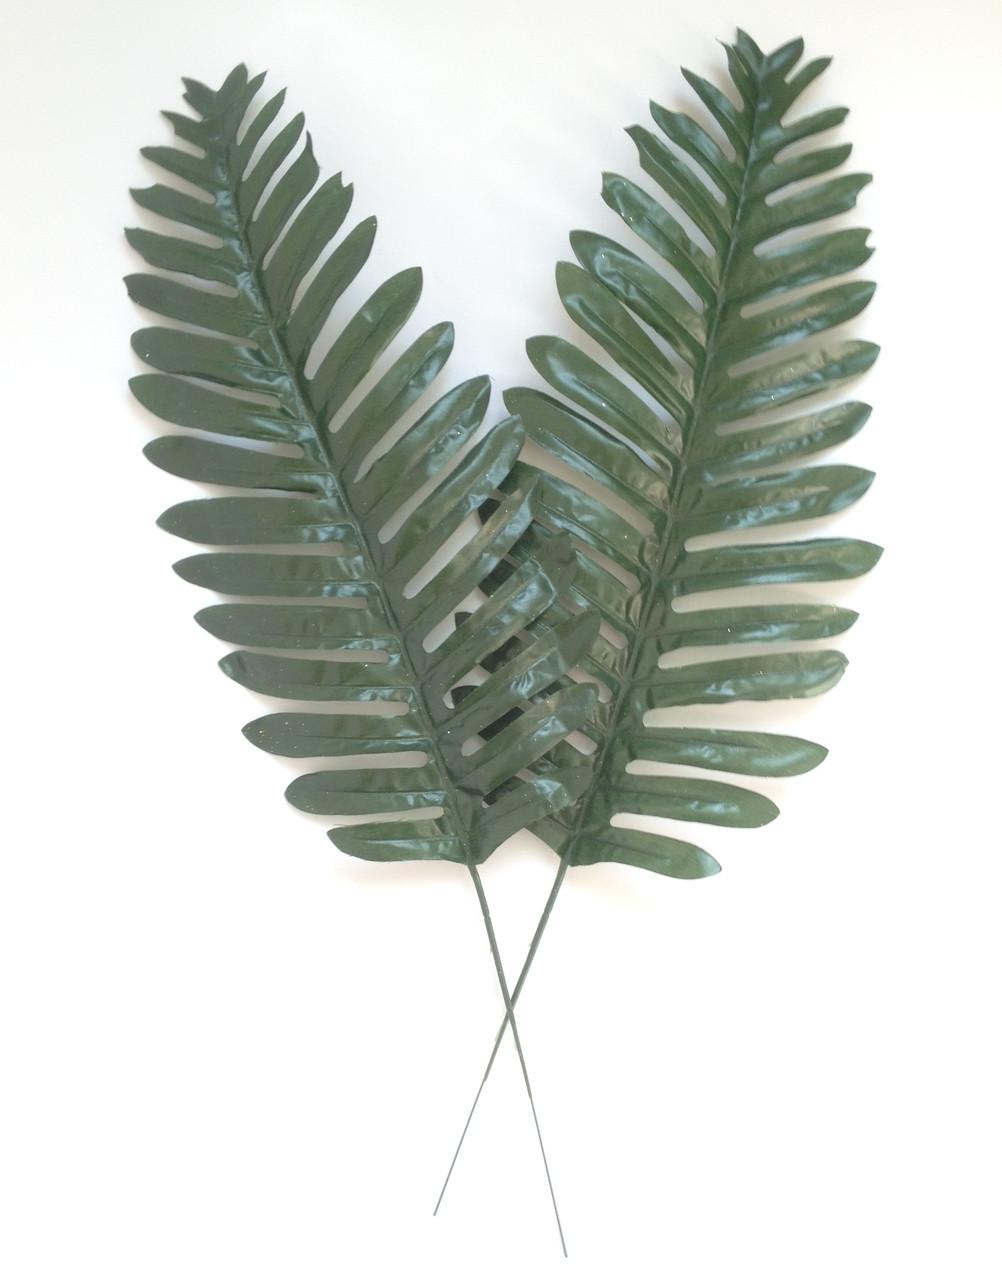 Лист пальмы 46 см (20 шт. в уп)